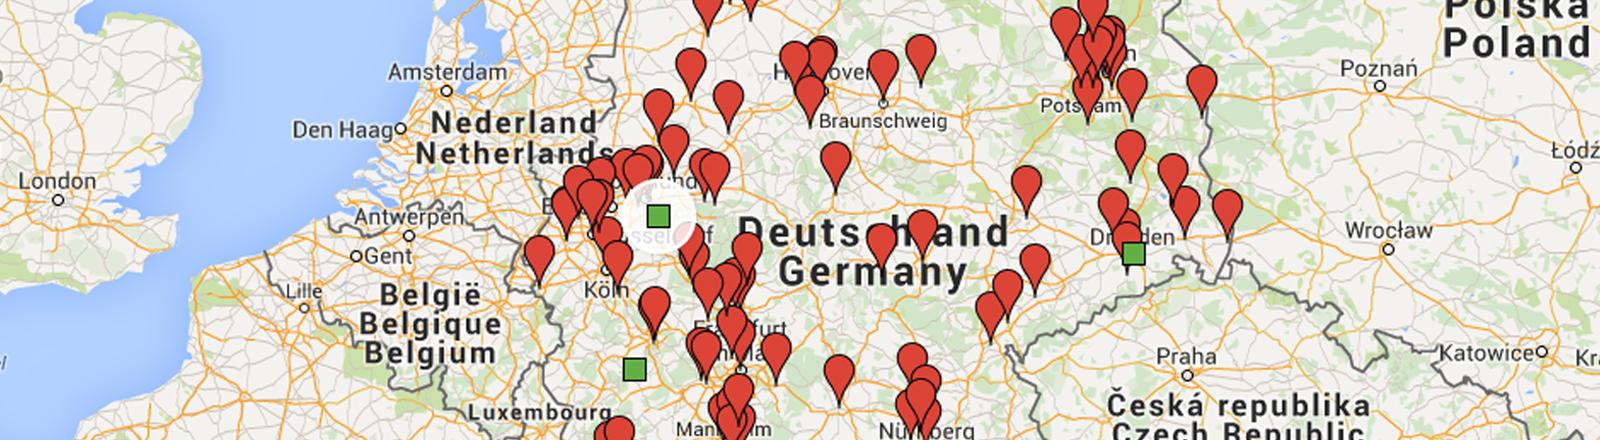 Auf einer Deutschlandkarte sind alle Hilfsprojekte mit roten Fähnchen eingezeichnet